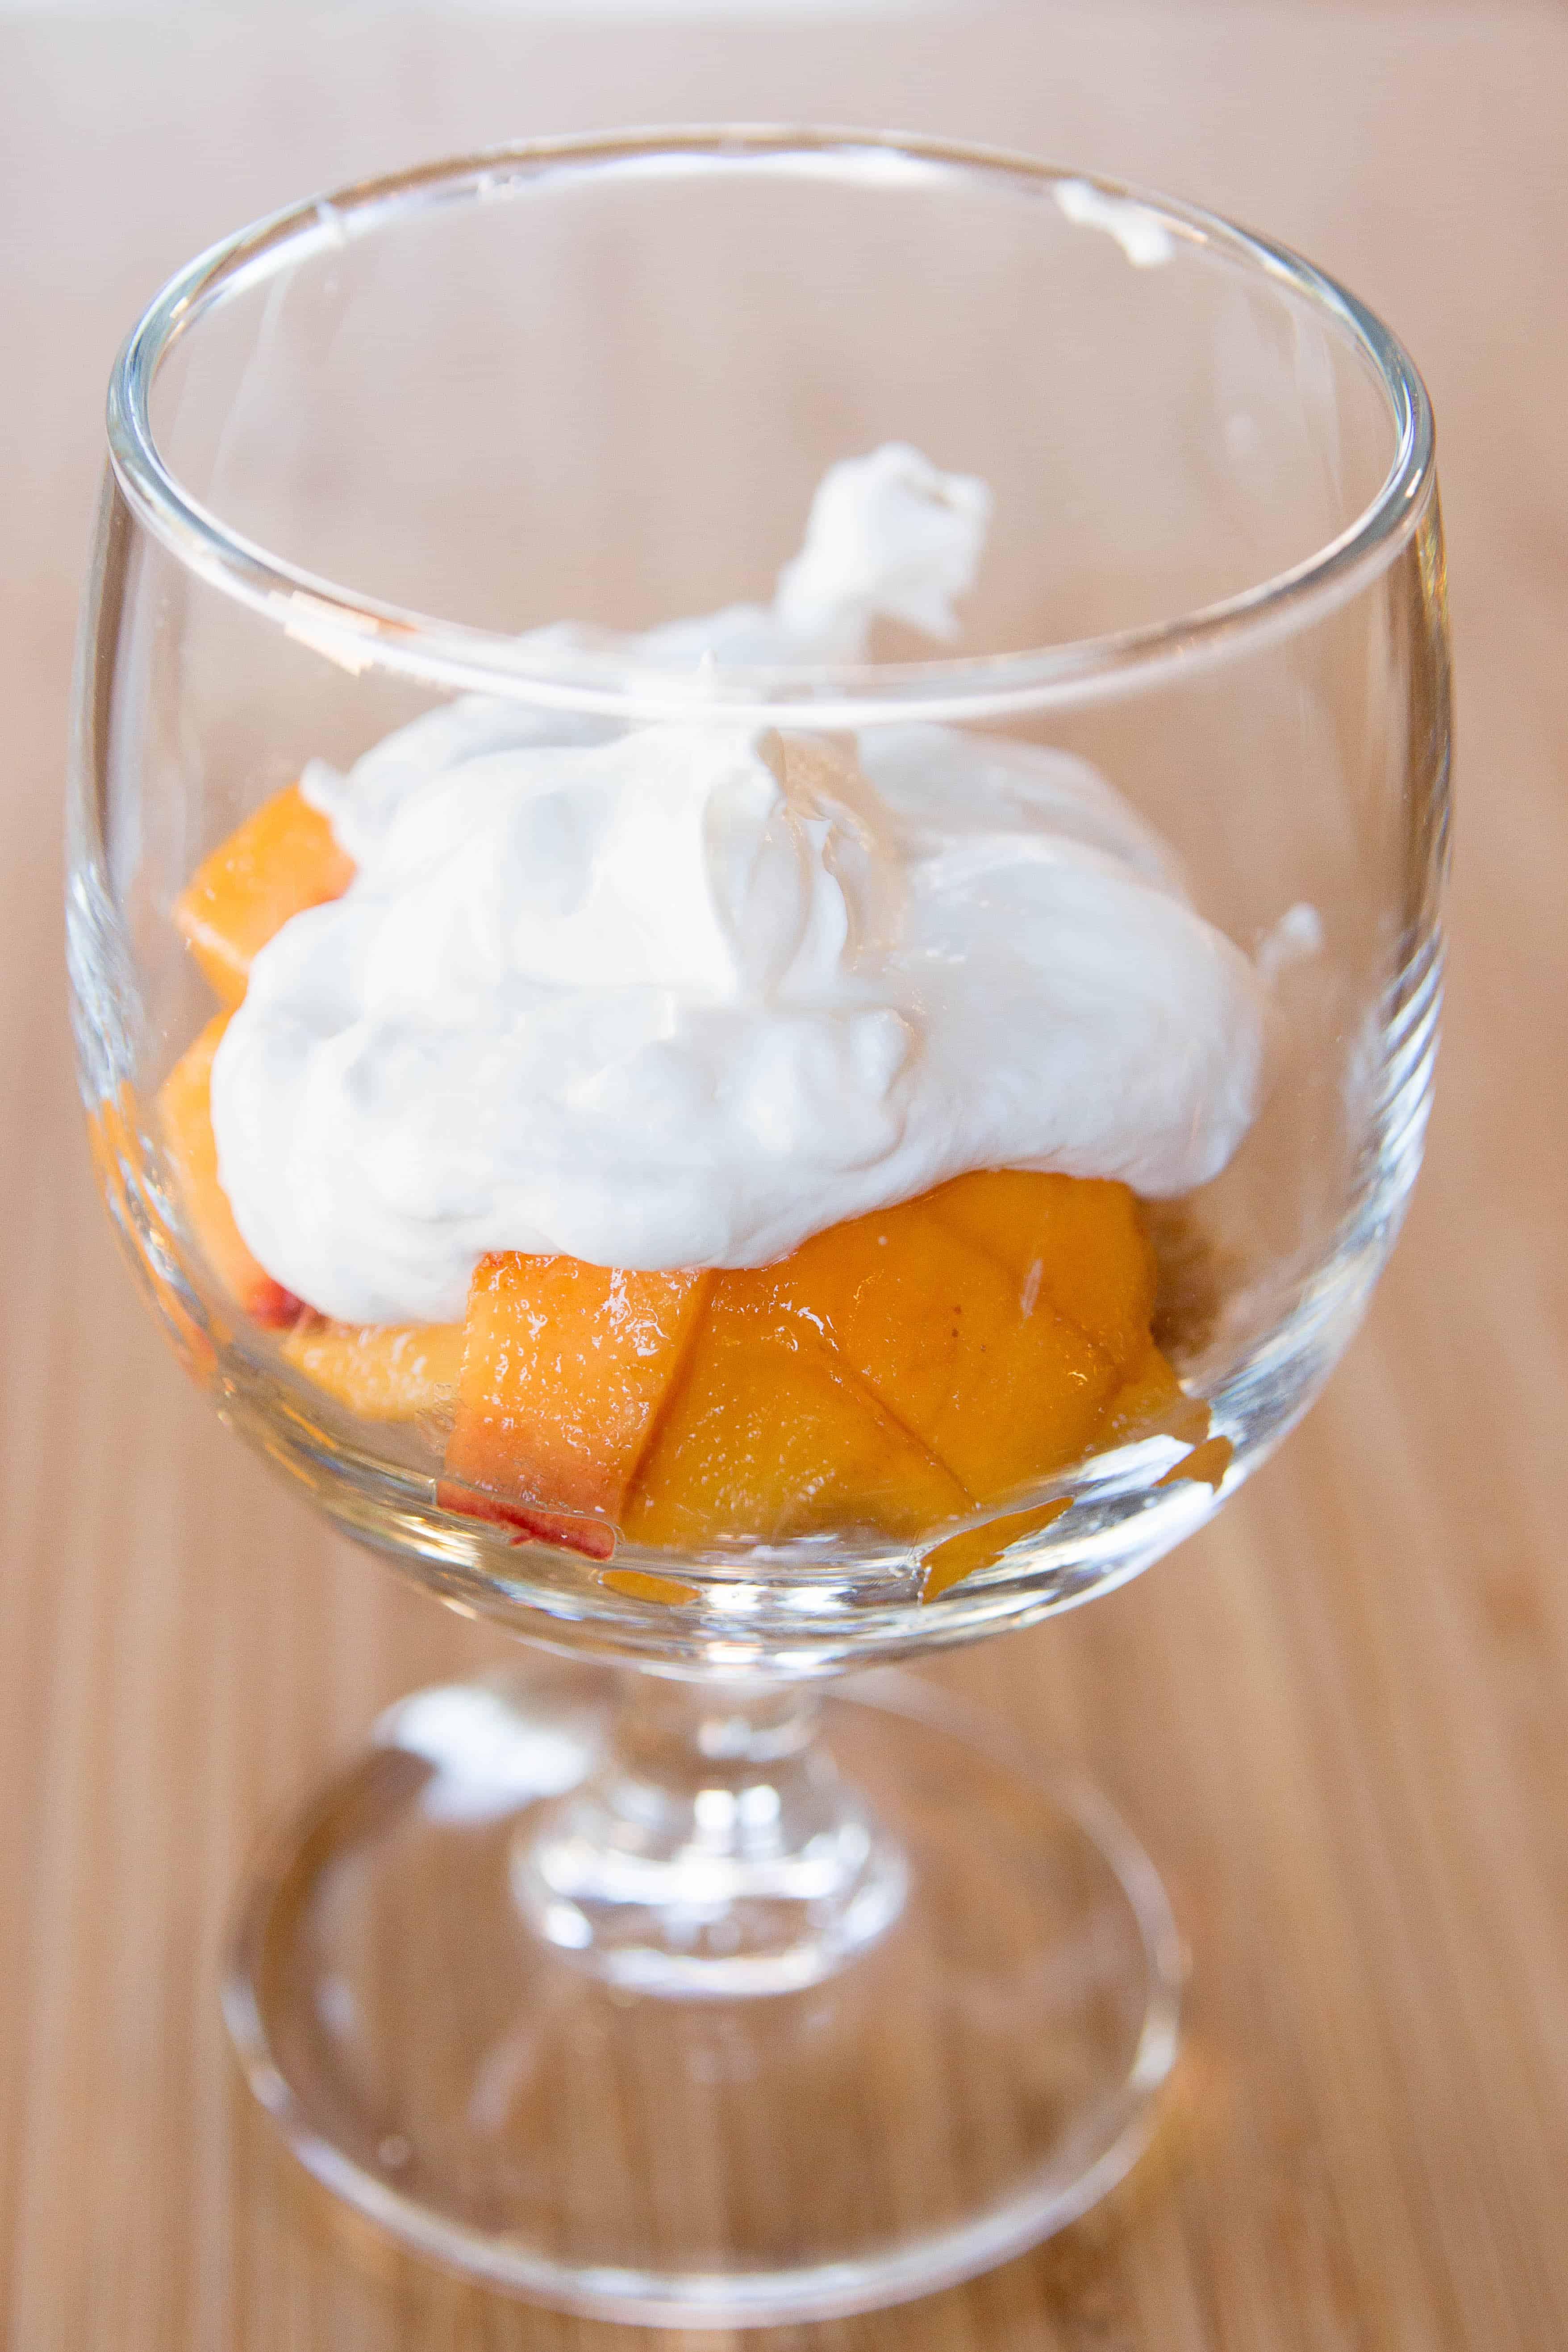 ff-peaches-and-cream-8170